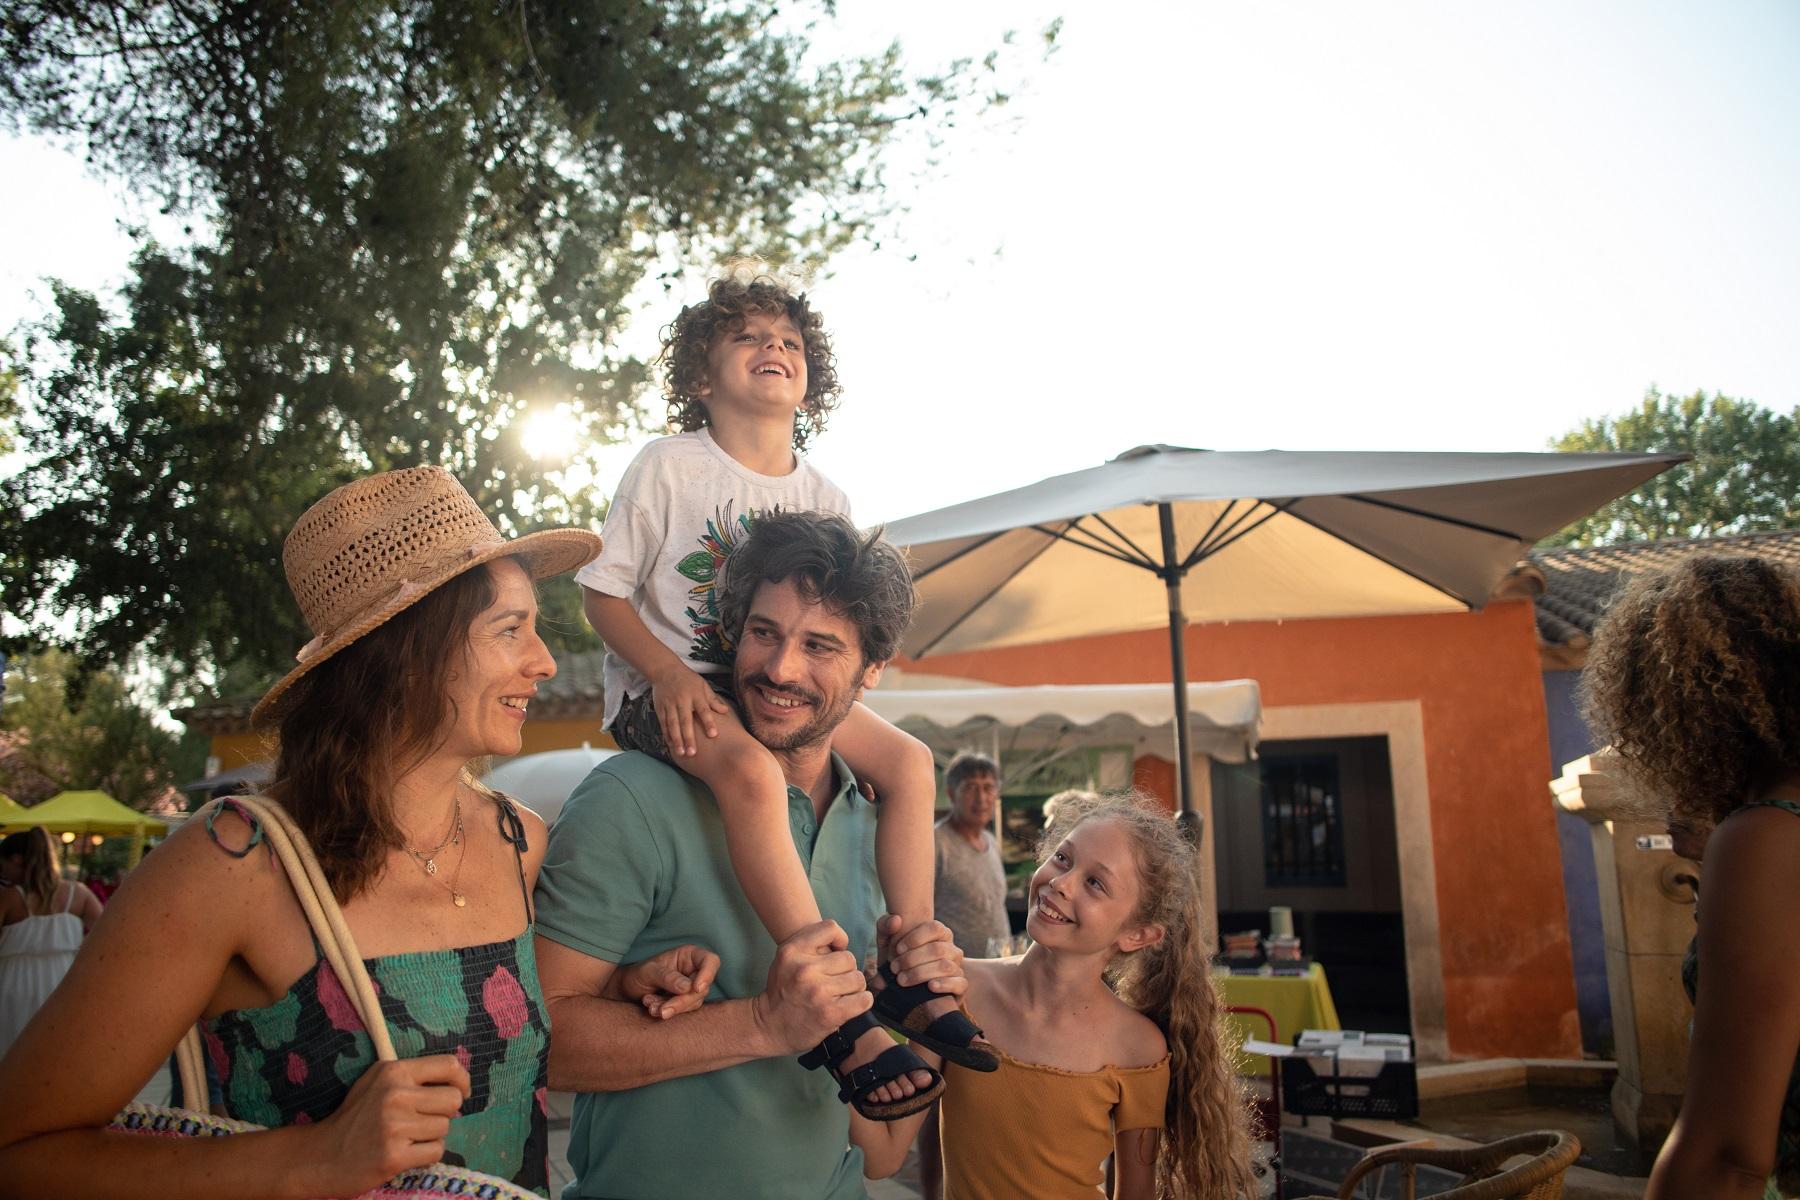 Vacances en famille dans un camping 5 étoiles